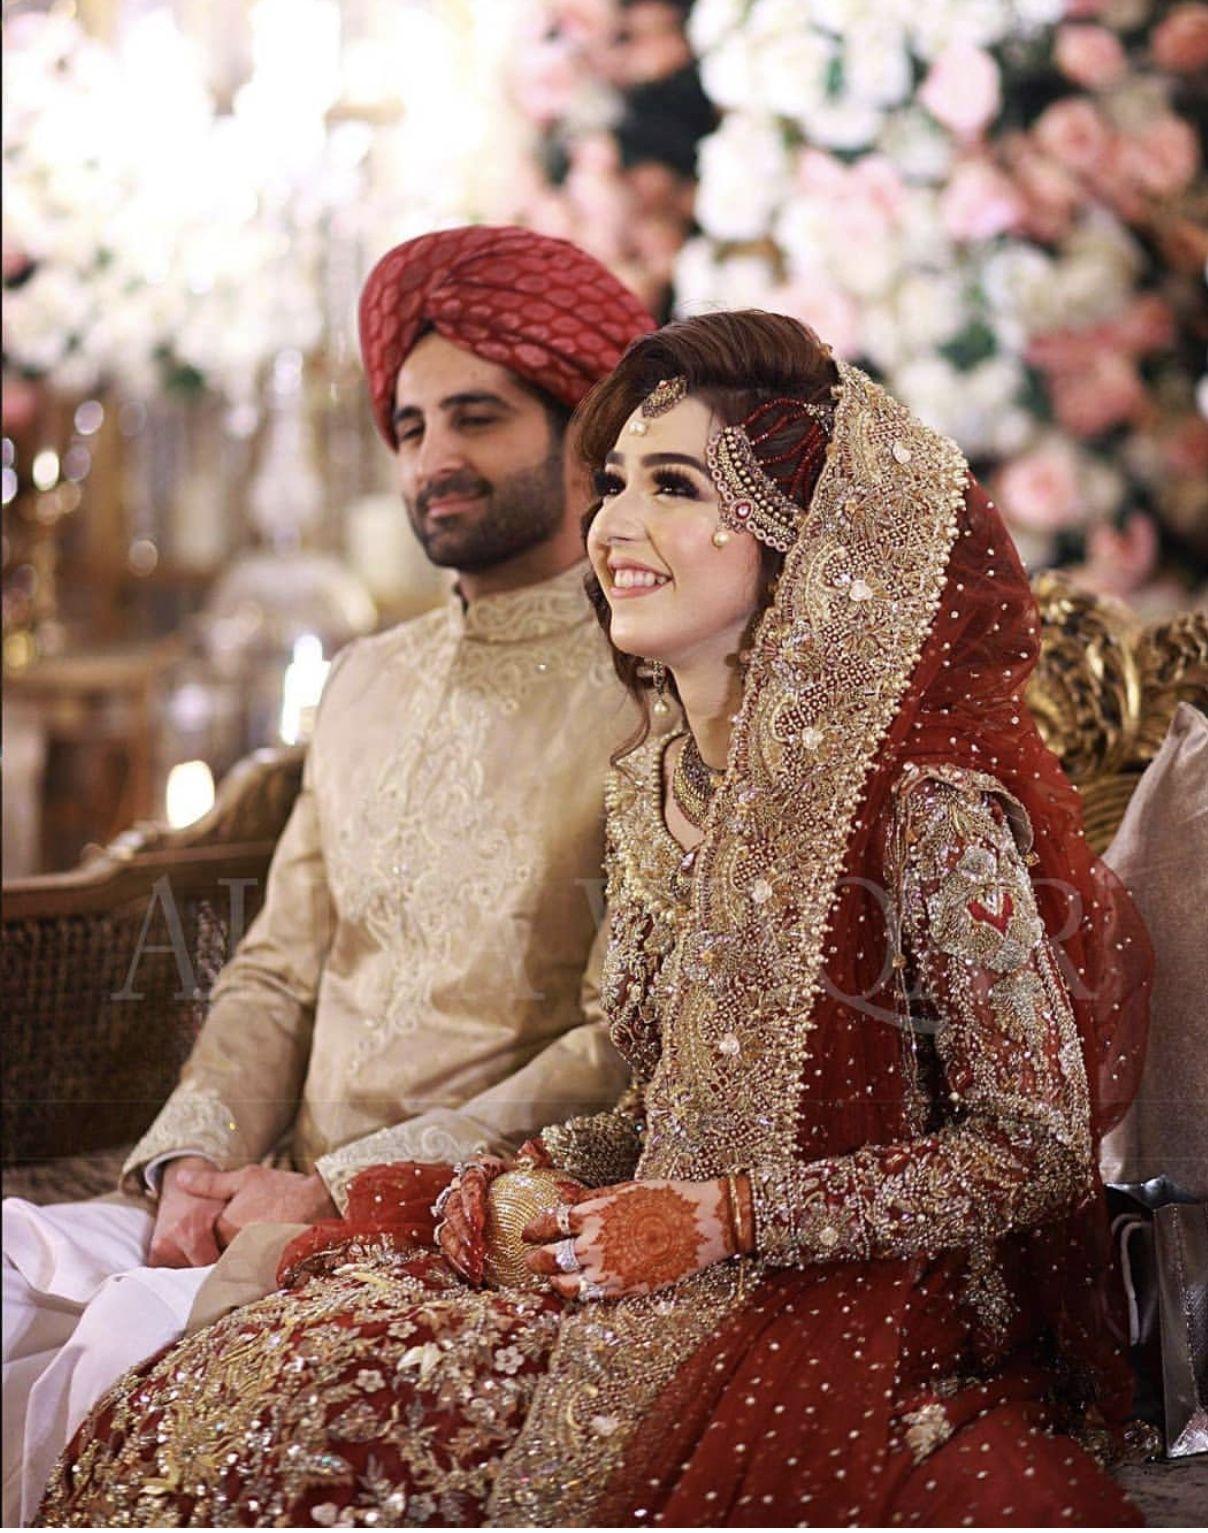 Barat bride in 2019